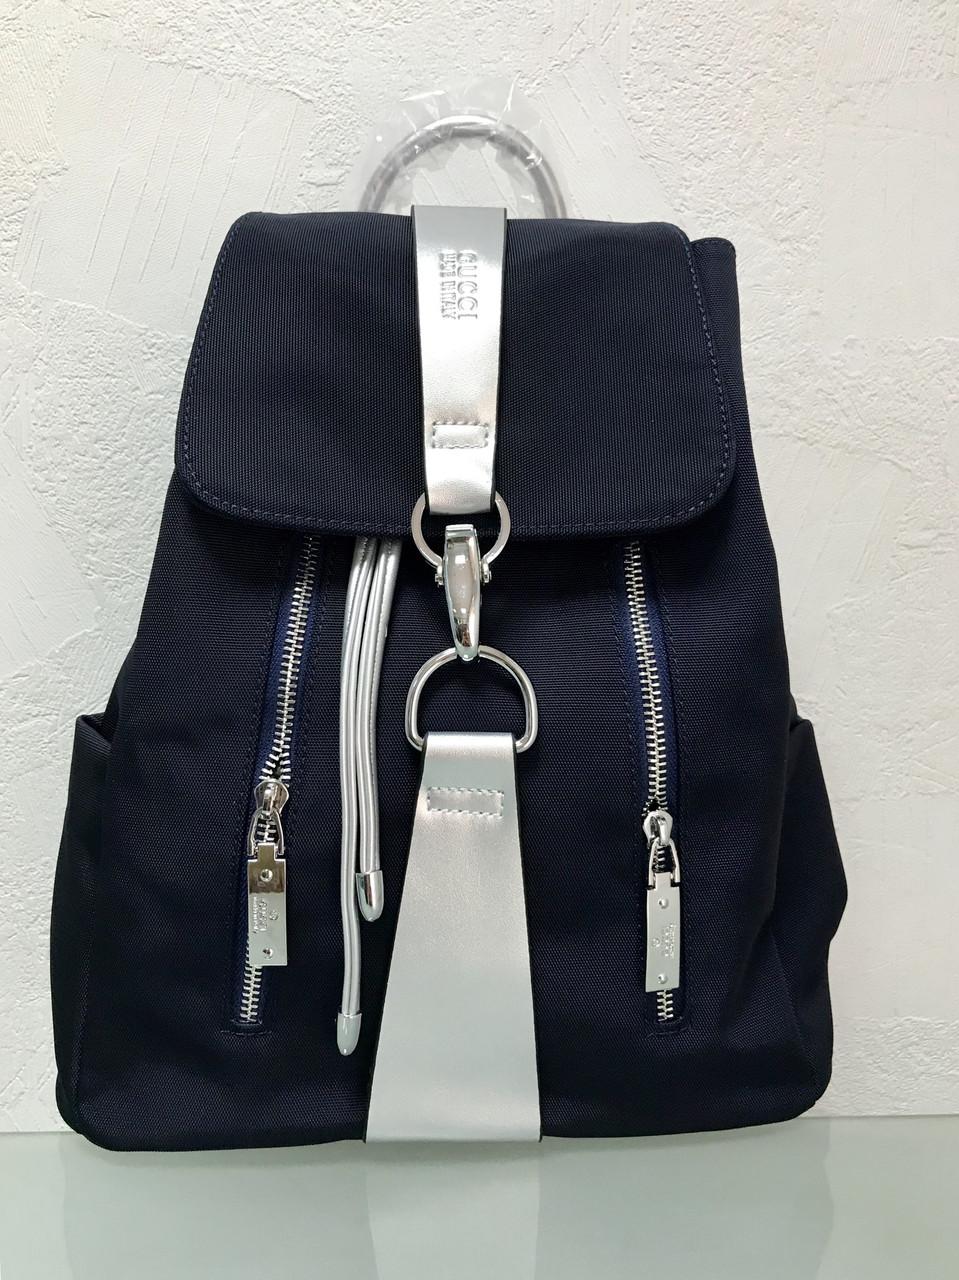 Сумка рюкзак Gucci синий c серебряной ручкой